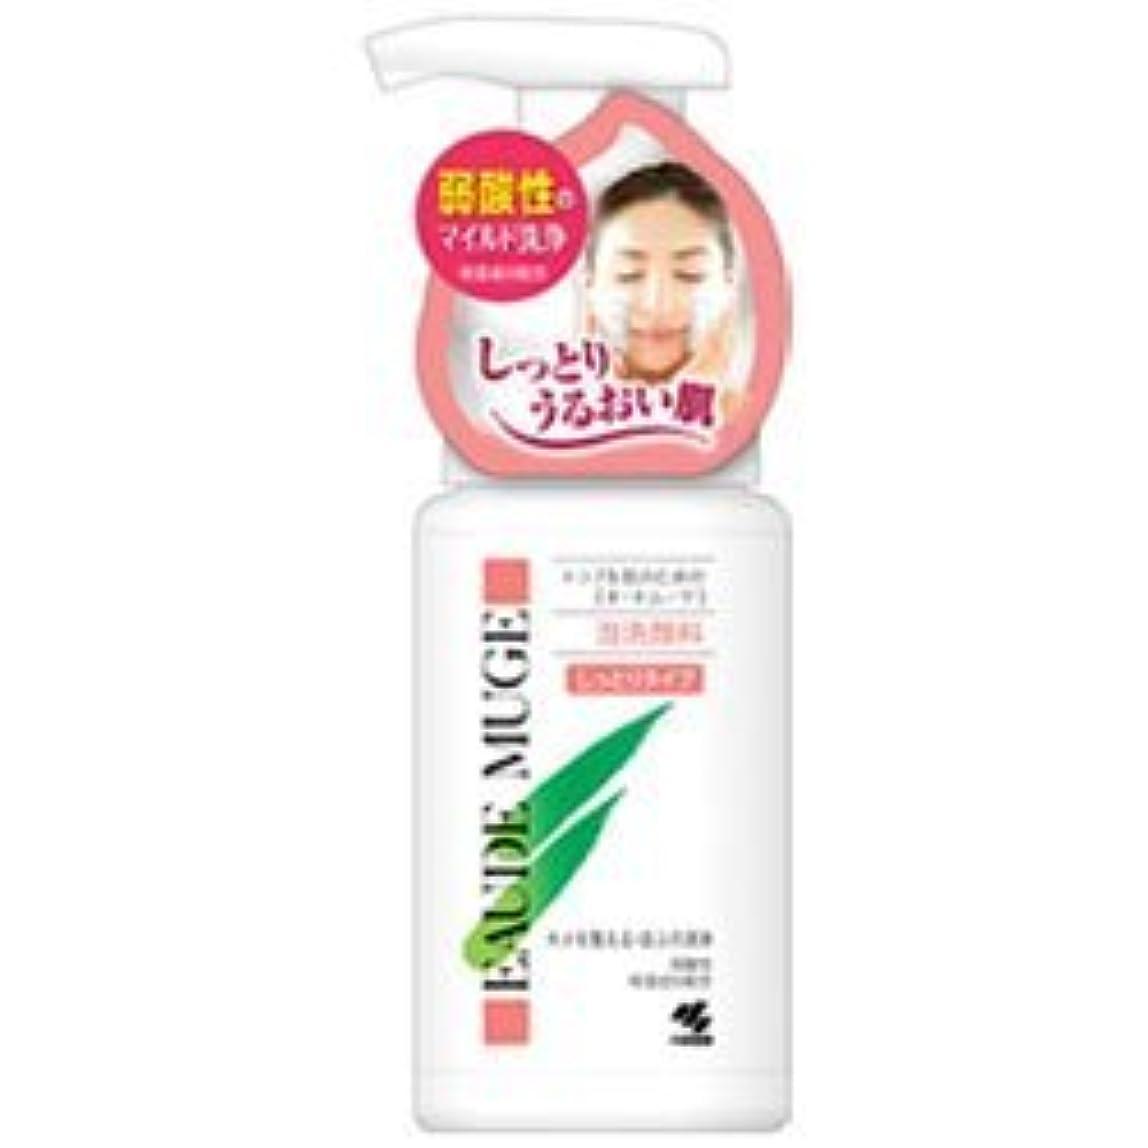 怠な研磨険しい【小林製薬】オードムーゲ 泡洗顔料 しっとりタイプ 150ml